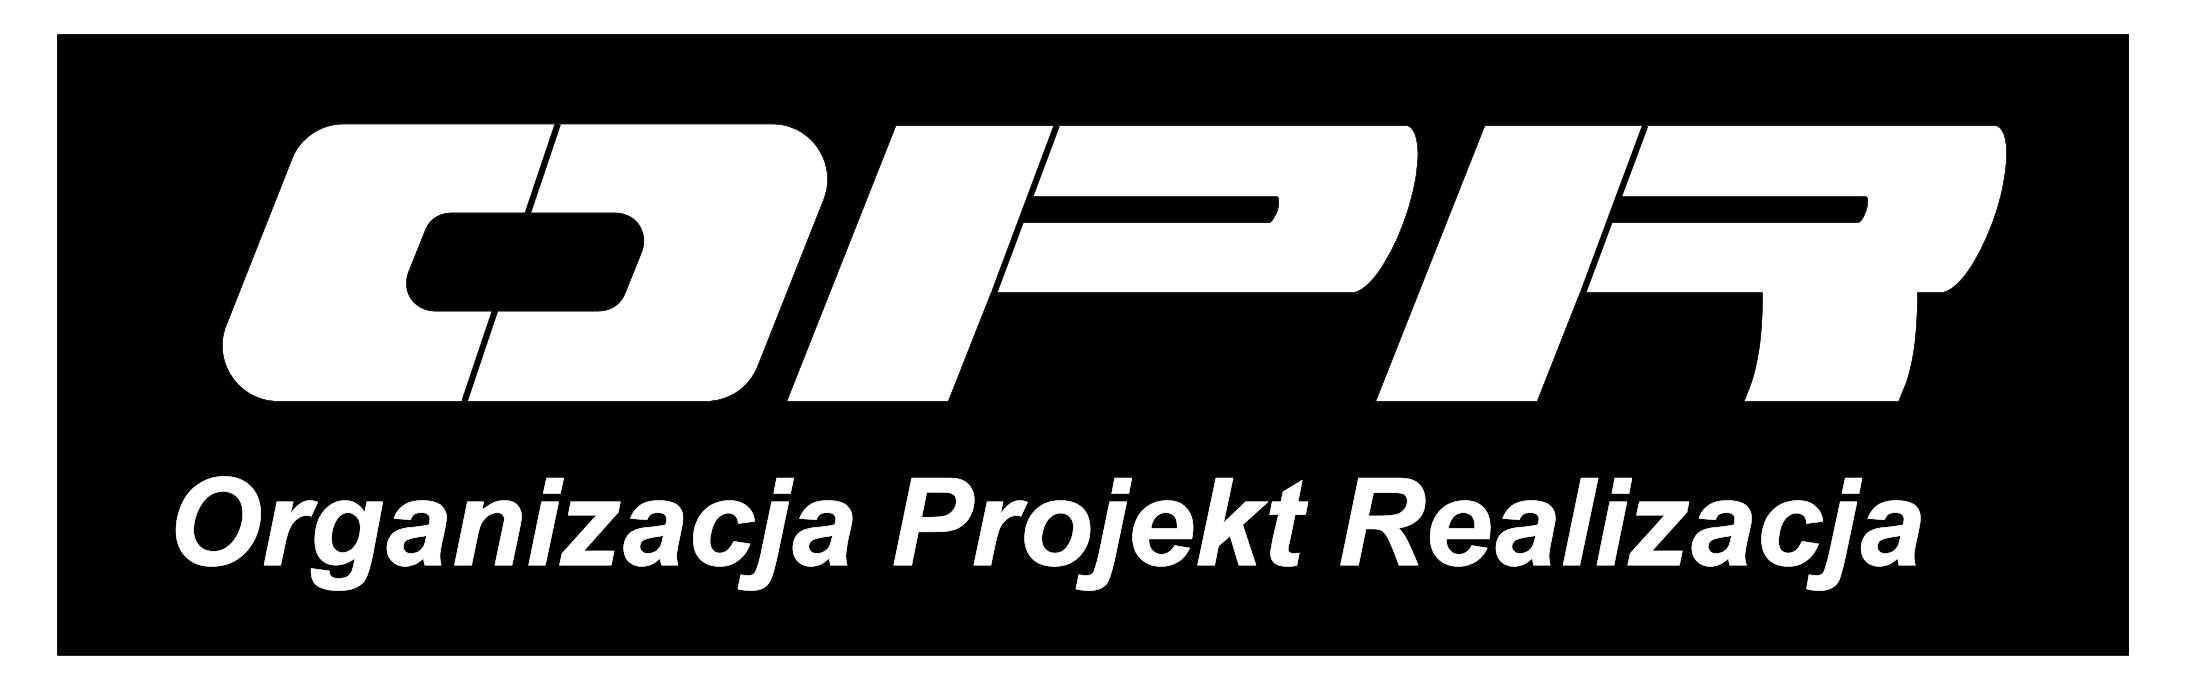 Znany Projekt zjazdu » Biuro projektowe - zjazdy, stawy, rowy operat i  @ZI-87